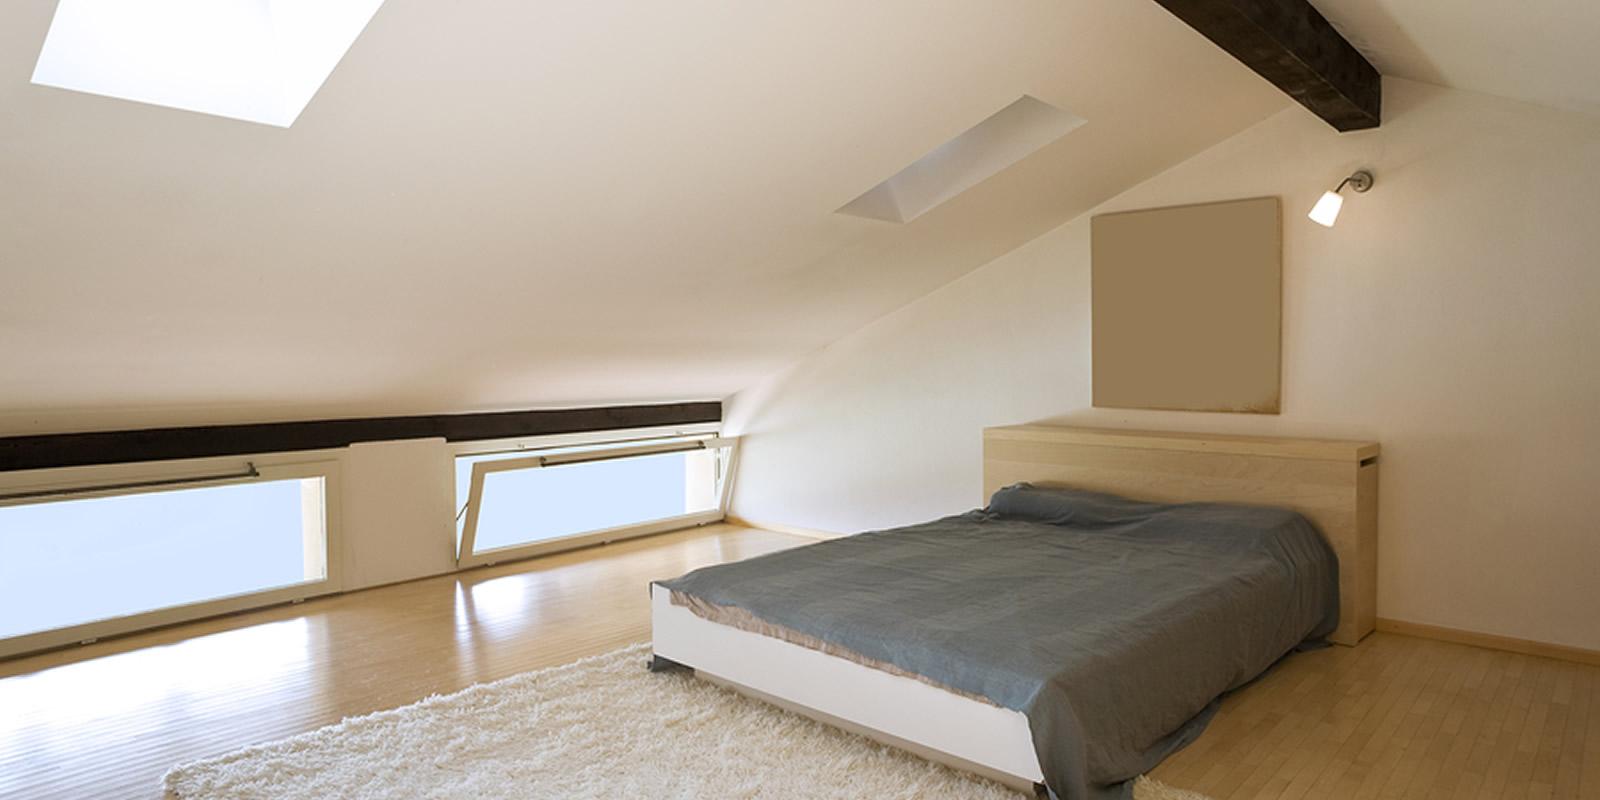 Letti bassi per la mansarda - Camera da letto sottotetto ...